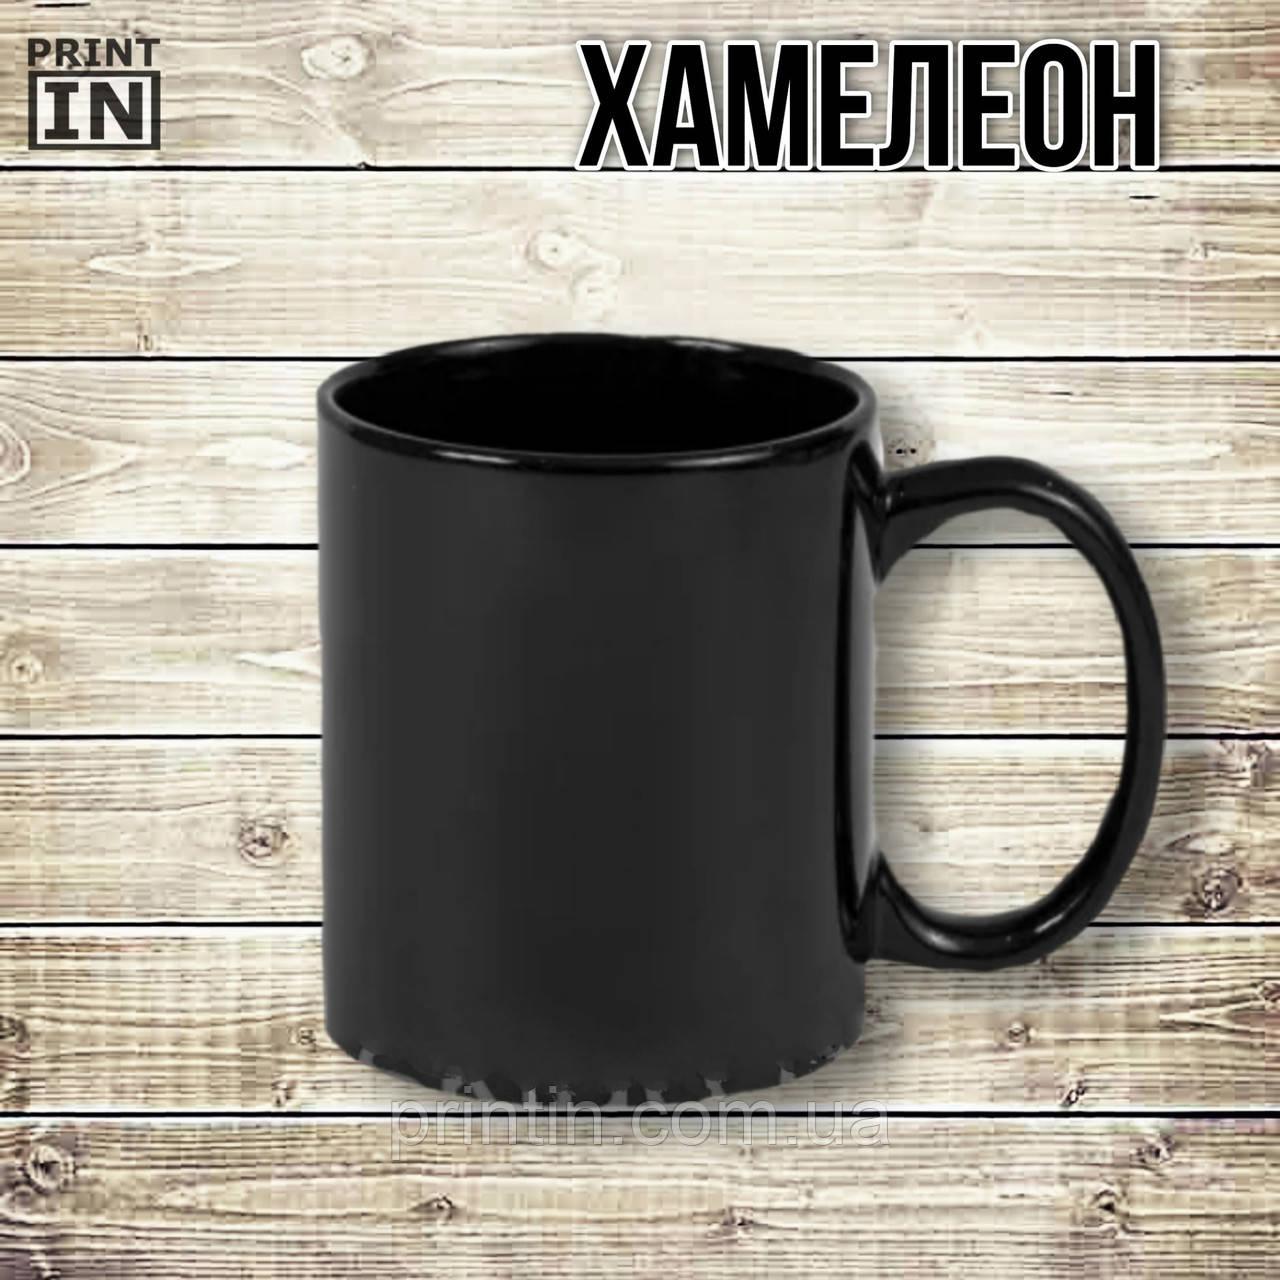 Печать на чашке хамелеон 330мл (чёрная внутри)